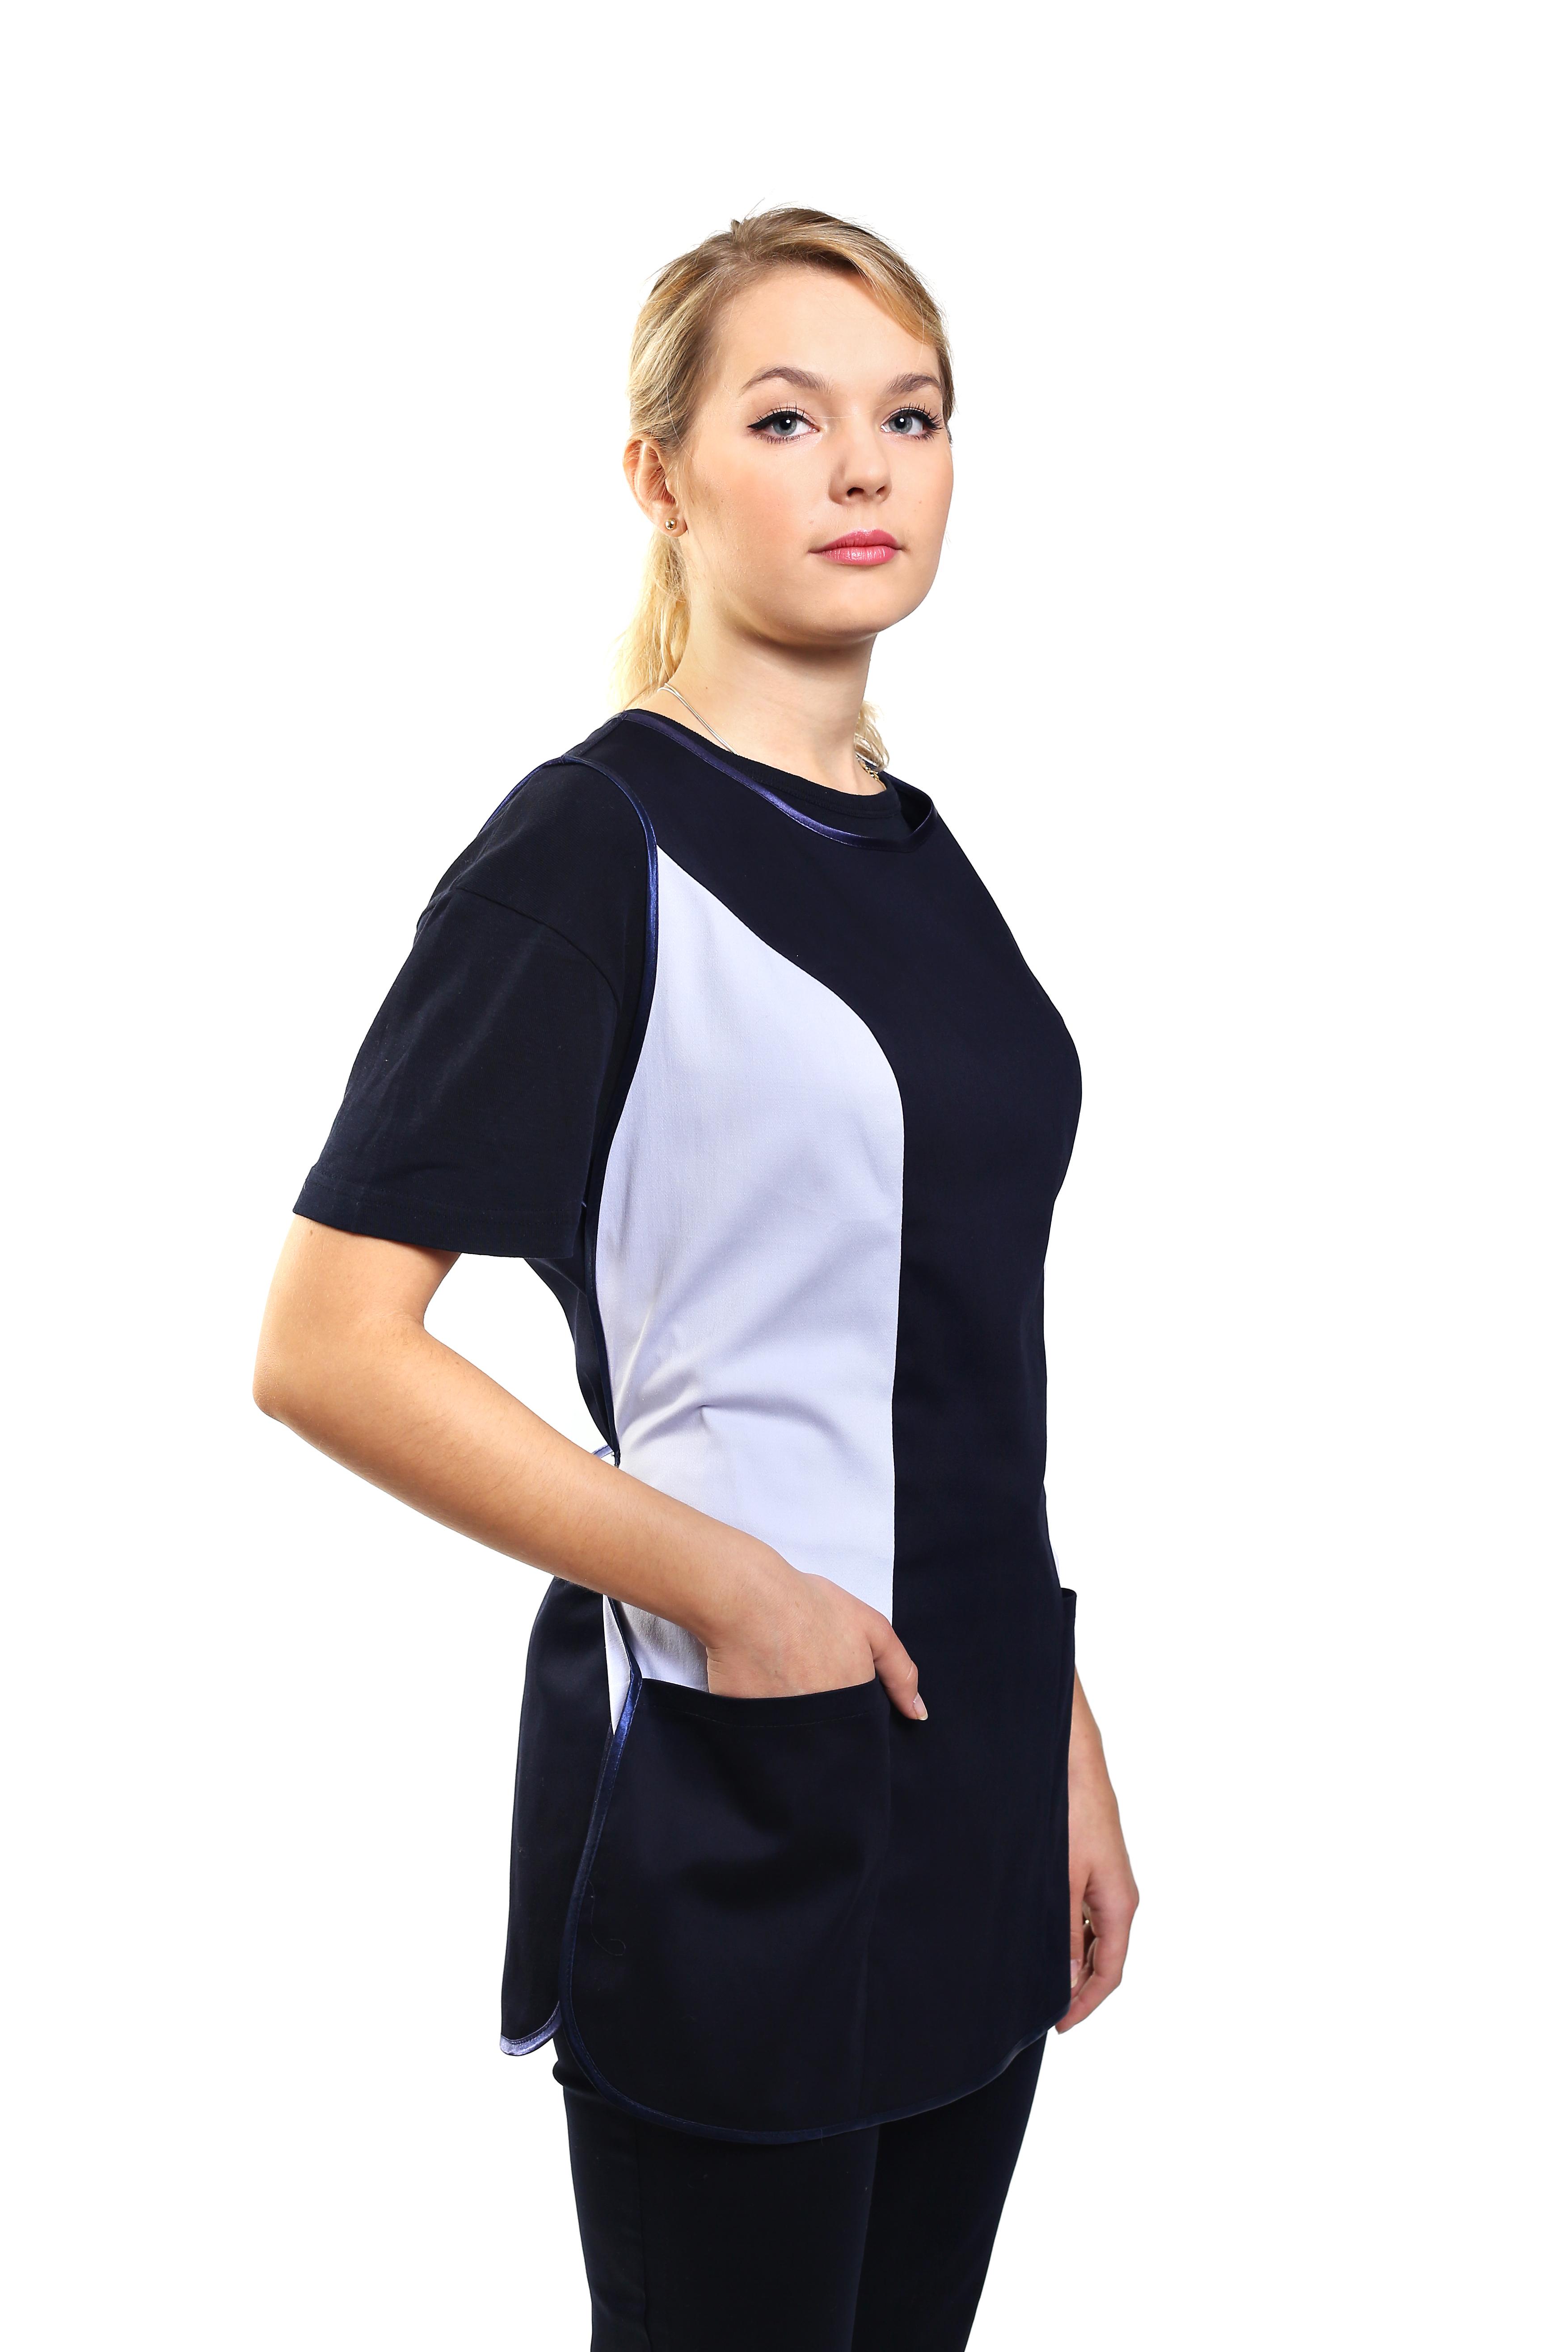 odziez hotelowa sukienka fartuch pokojowki ubranie